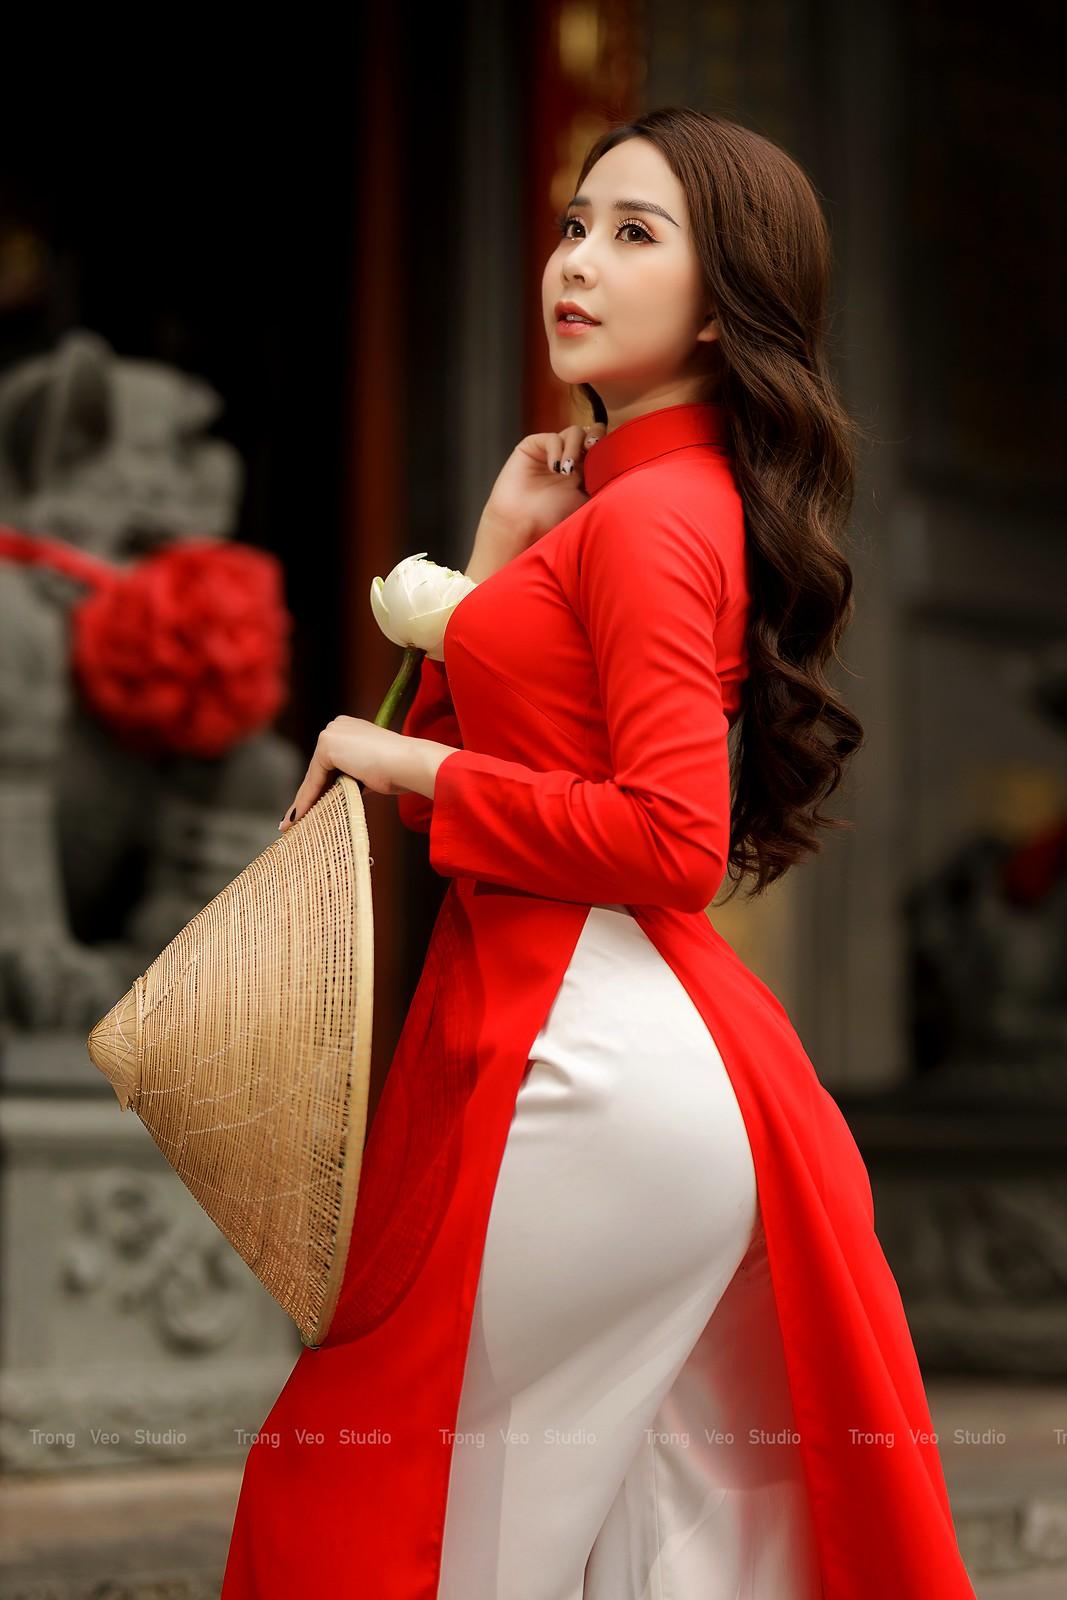 Ngắm hot girl Lục Anh xinh đẹp như hoa không sao tả xiết trong tà áo dài truyền thống - 10